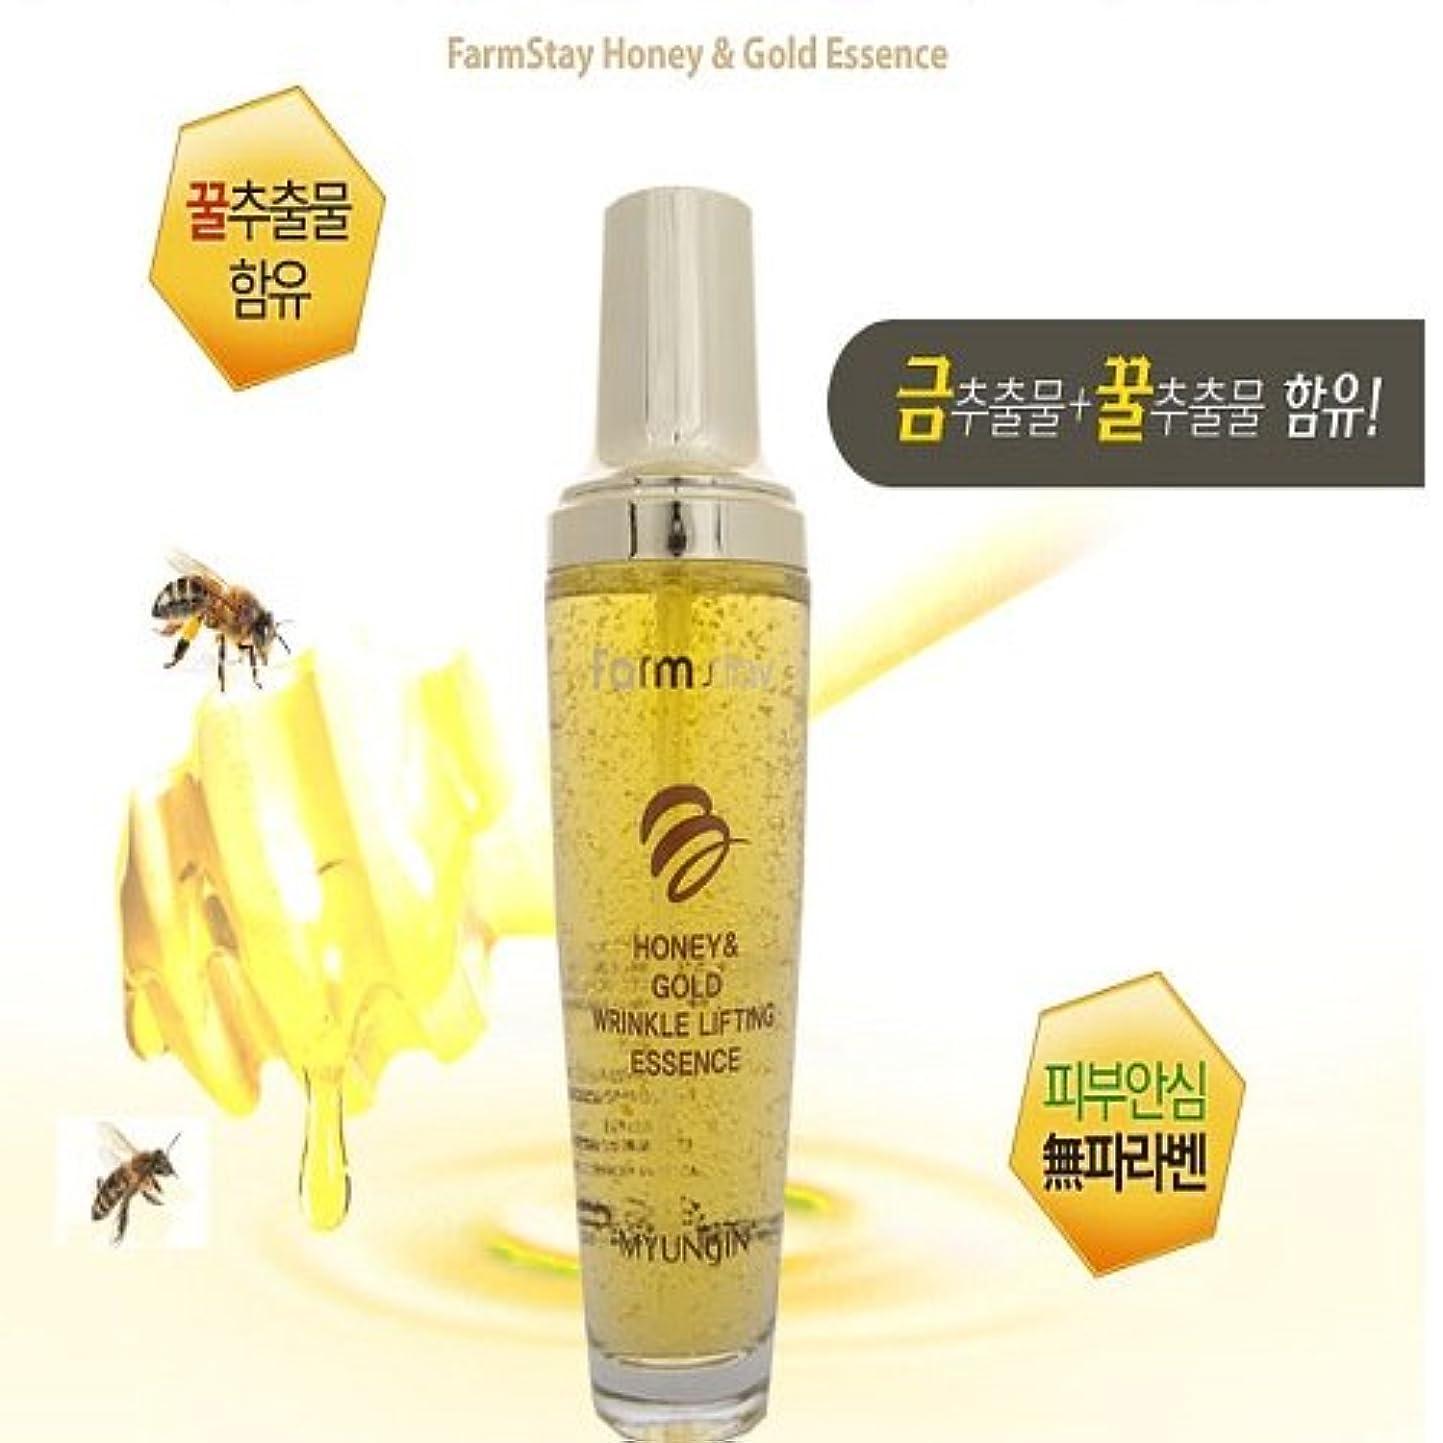 勢いソフィー嬉しいです[FARM STAY] Honey & Gold Wrinkle Lifting Essence 130ml